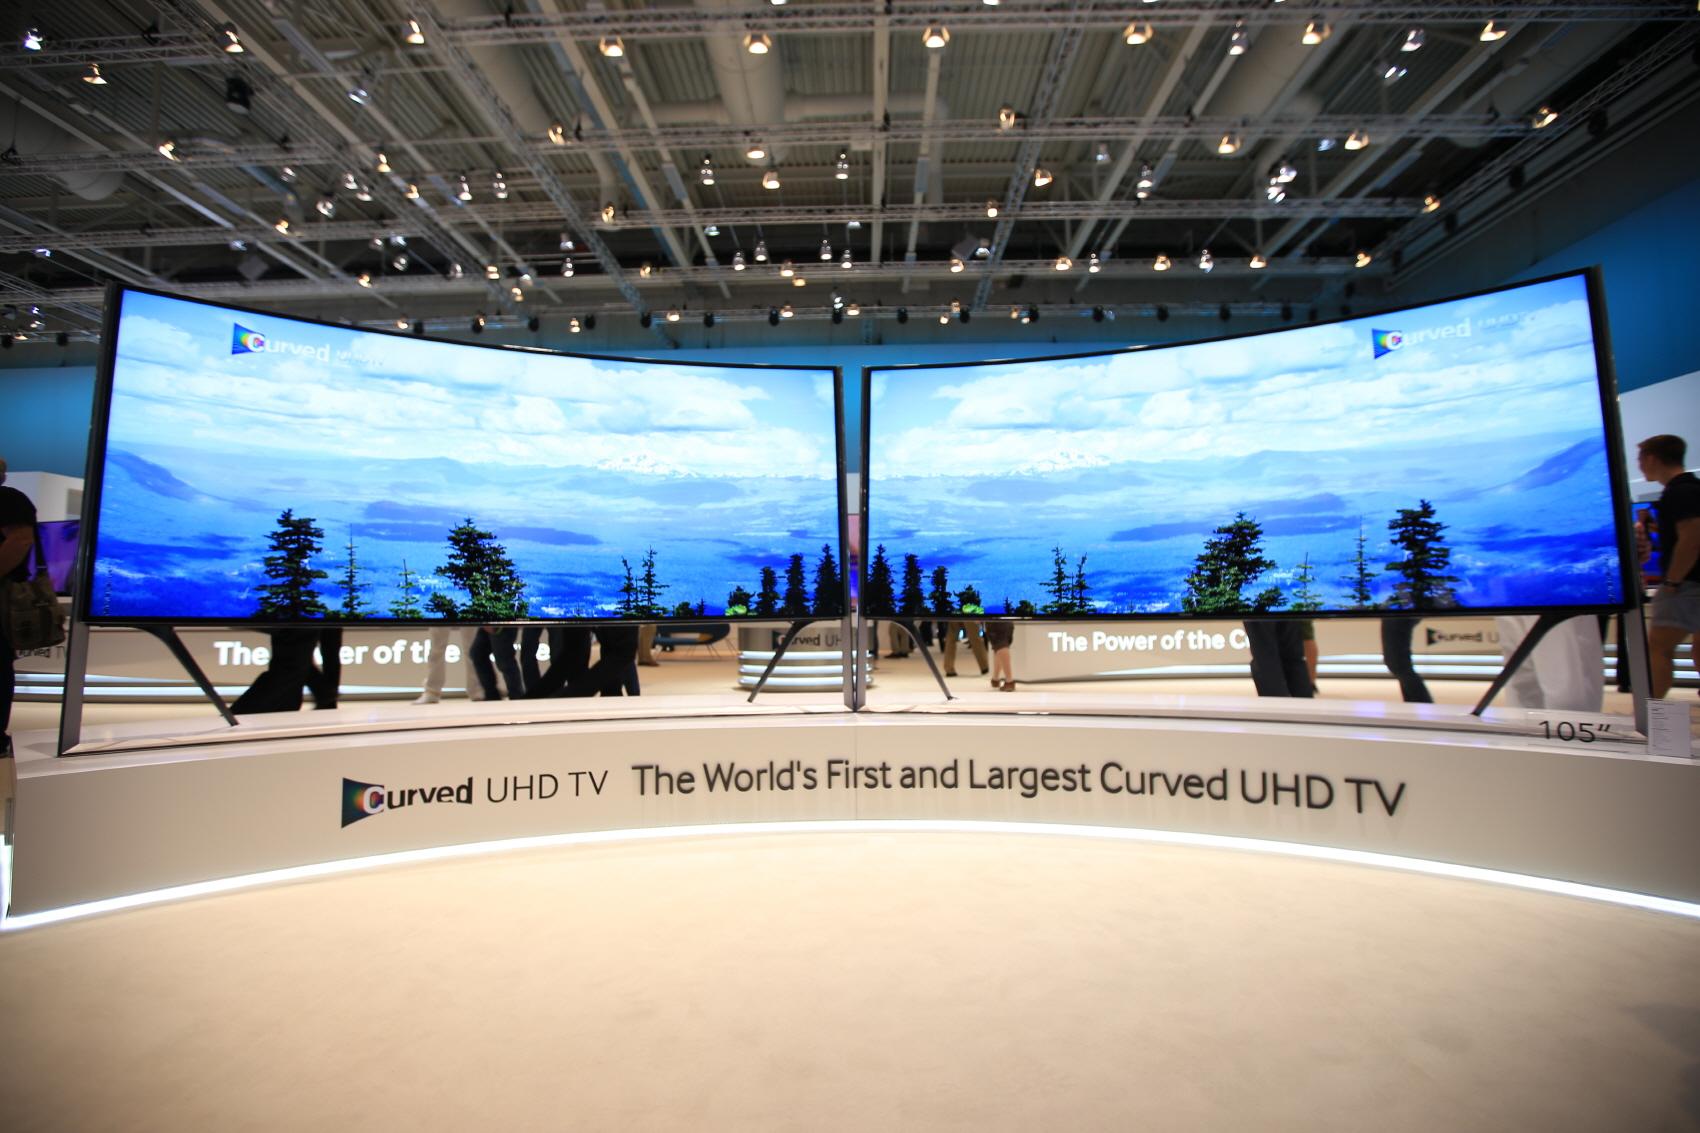 삼성전자가 내놓은 105형 삼성 커브드 UHD TV는 세계 최초, 세계 최대 사이즈의 커브드 UHD TV